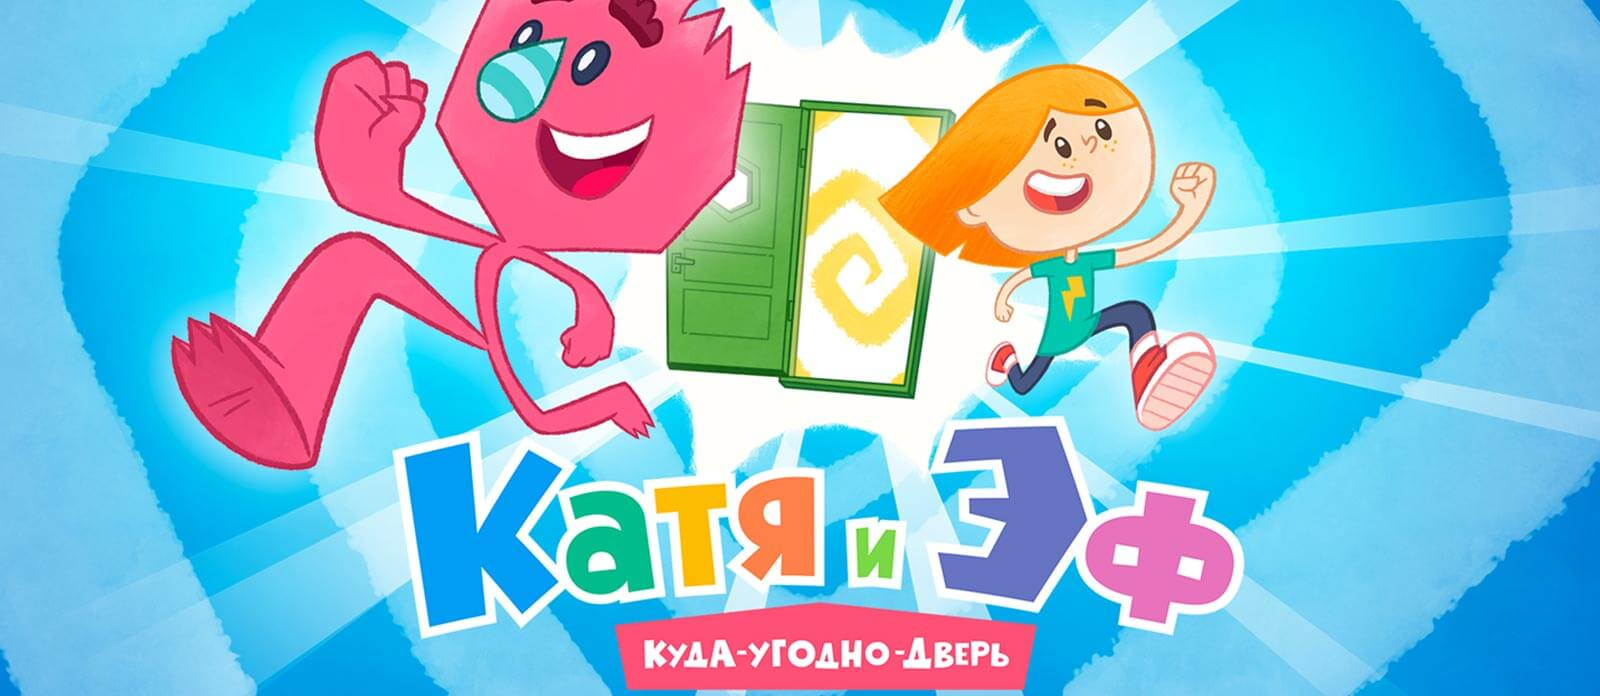 Катя и Эф. КУДА-УГОДНО-ДВЕРЬ